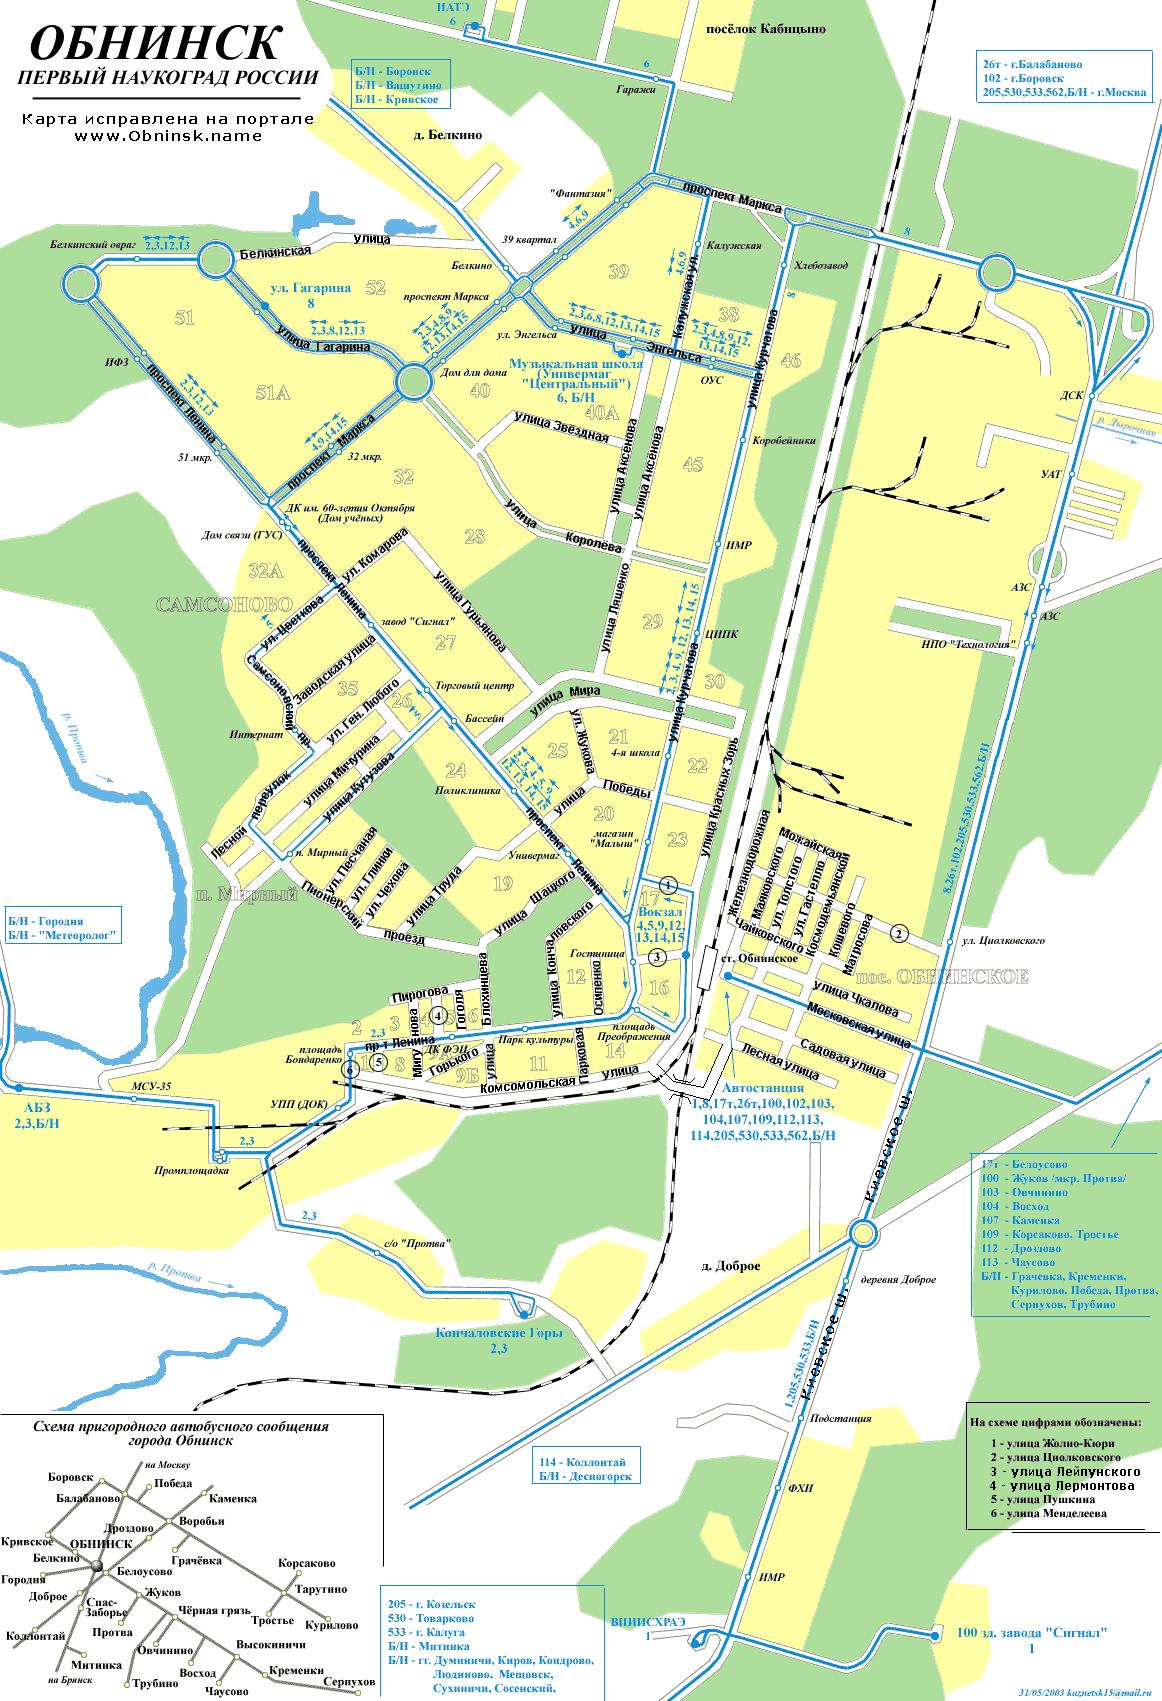 Сайт о Балабаново-1 (военных городках рядом с г. Балабаново) - есть 2 схемы: городка и проезда к нему...